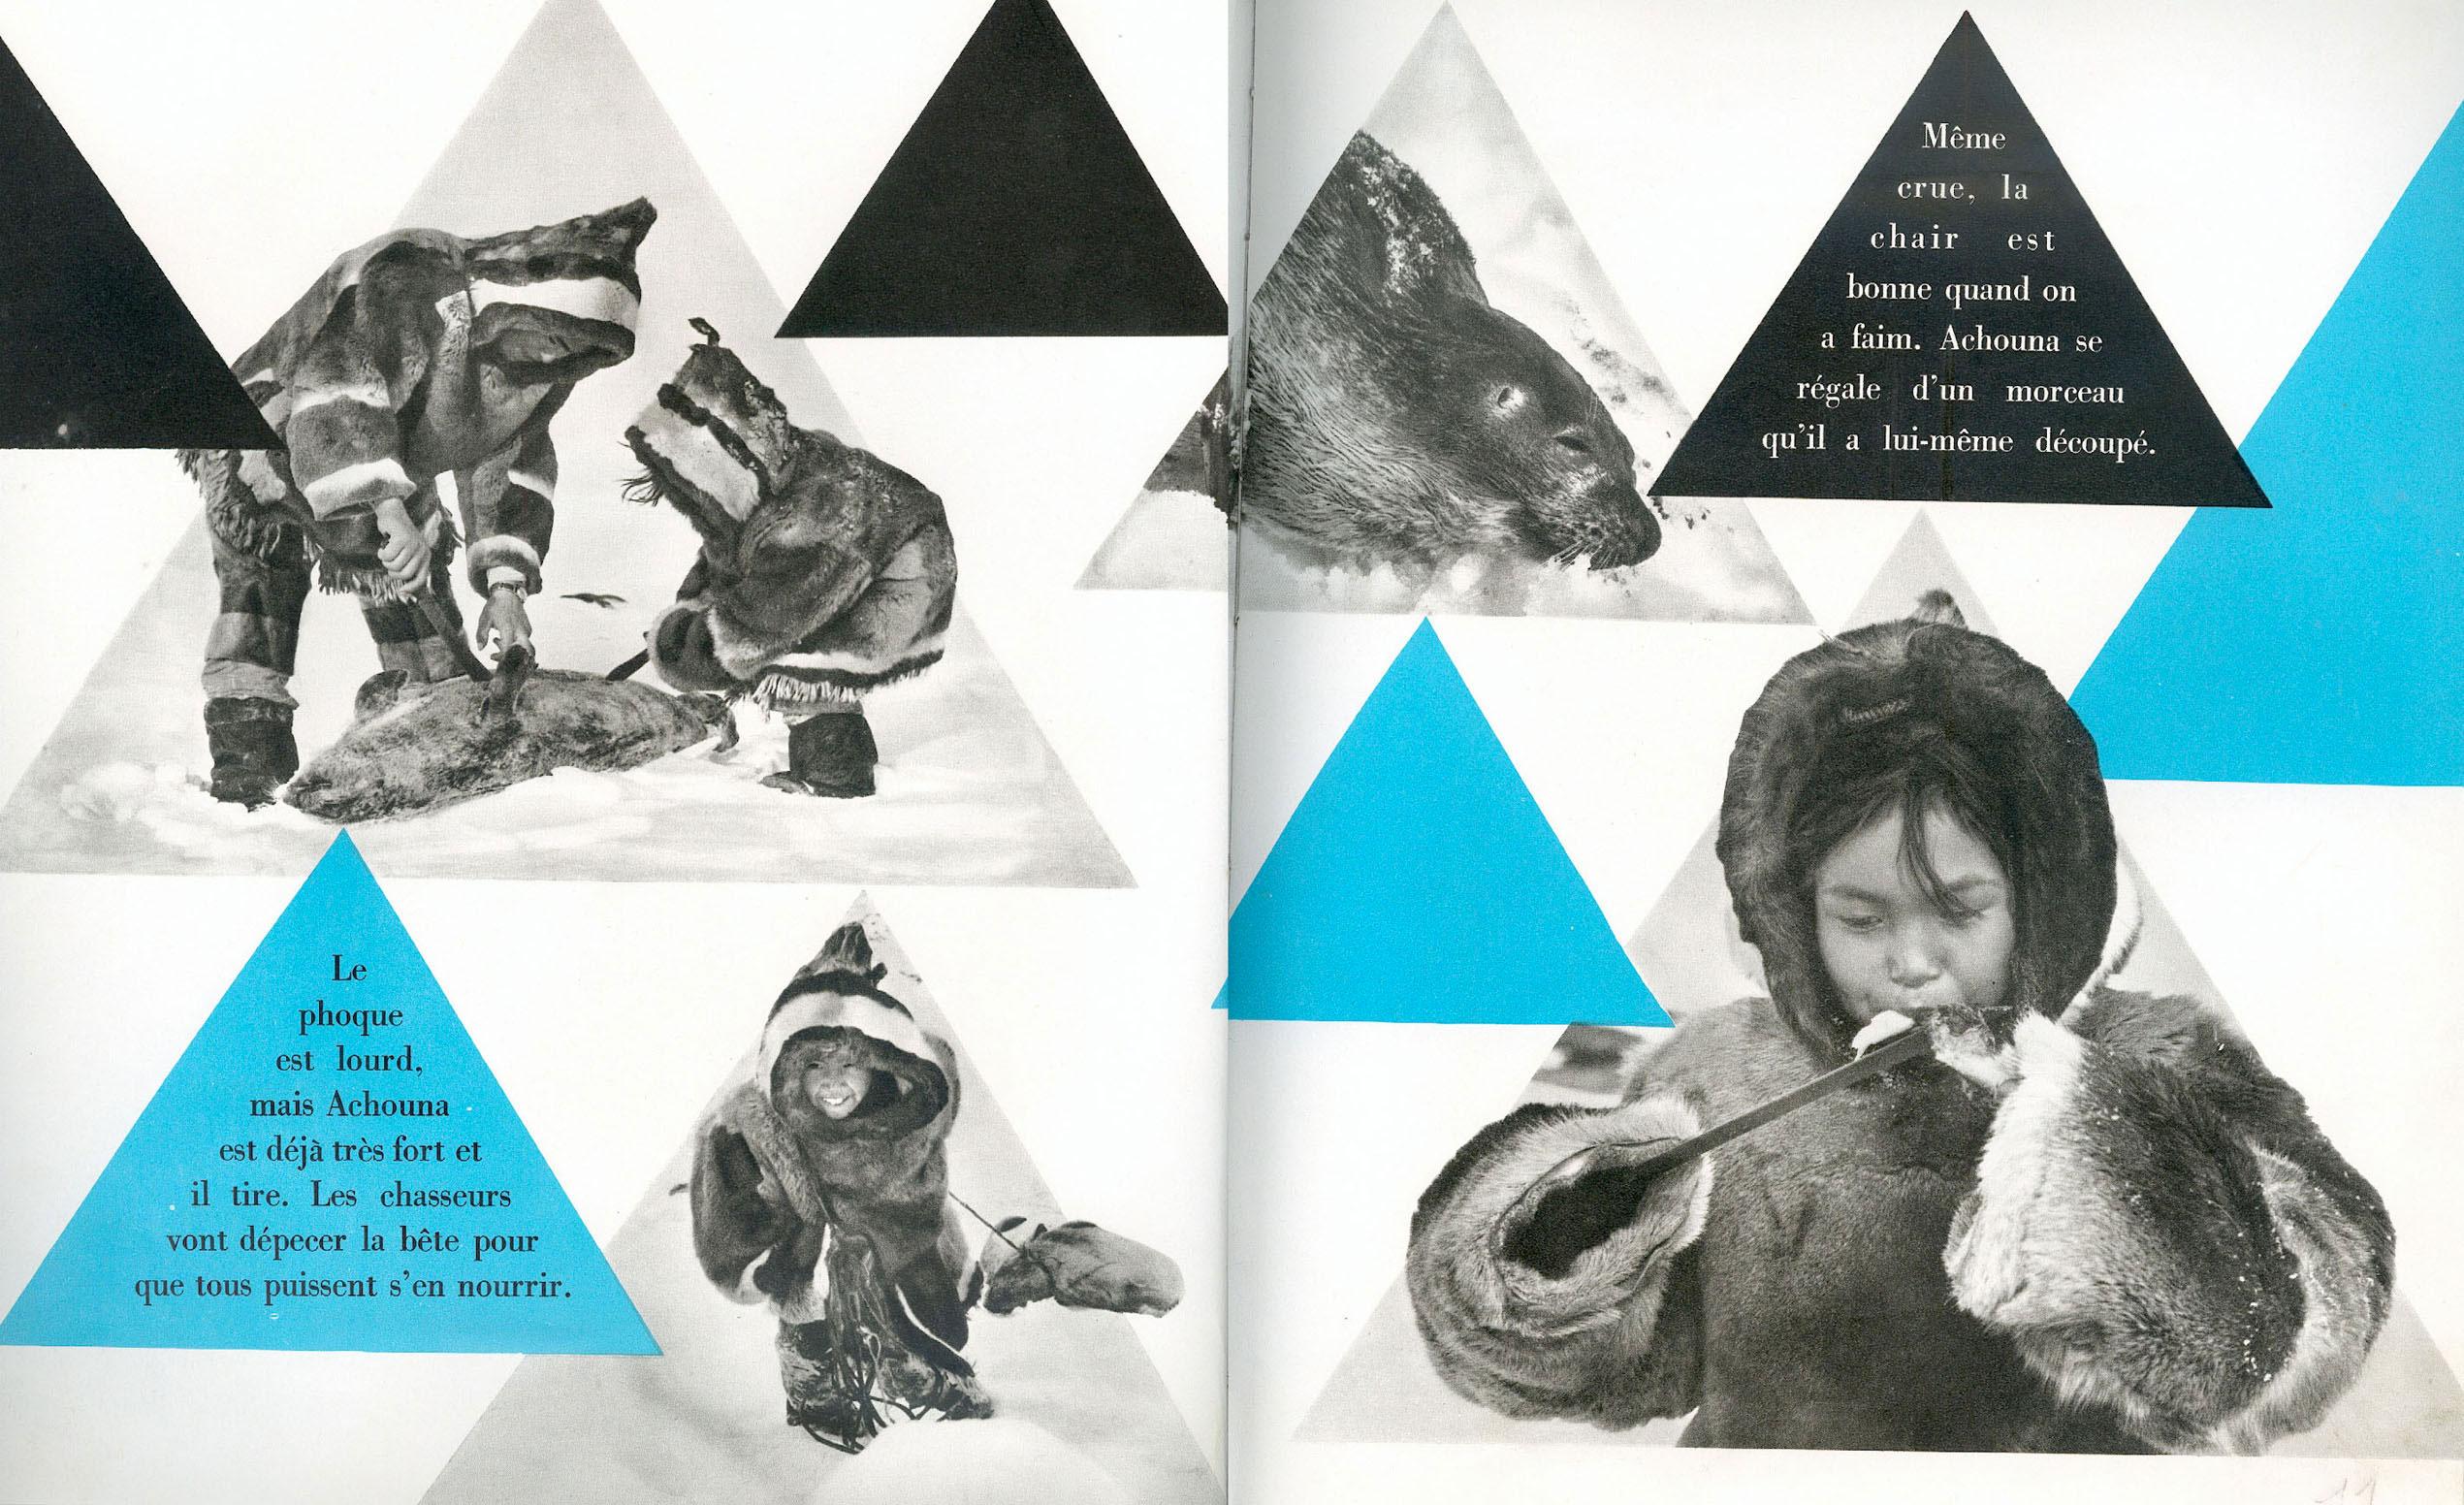 dominique-darbois-livre-collection-enfants-du-monde-graphisme-achouna-06